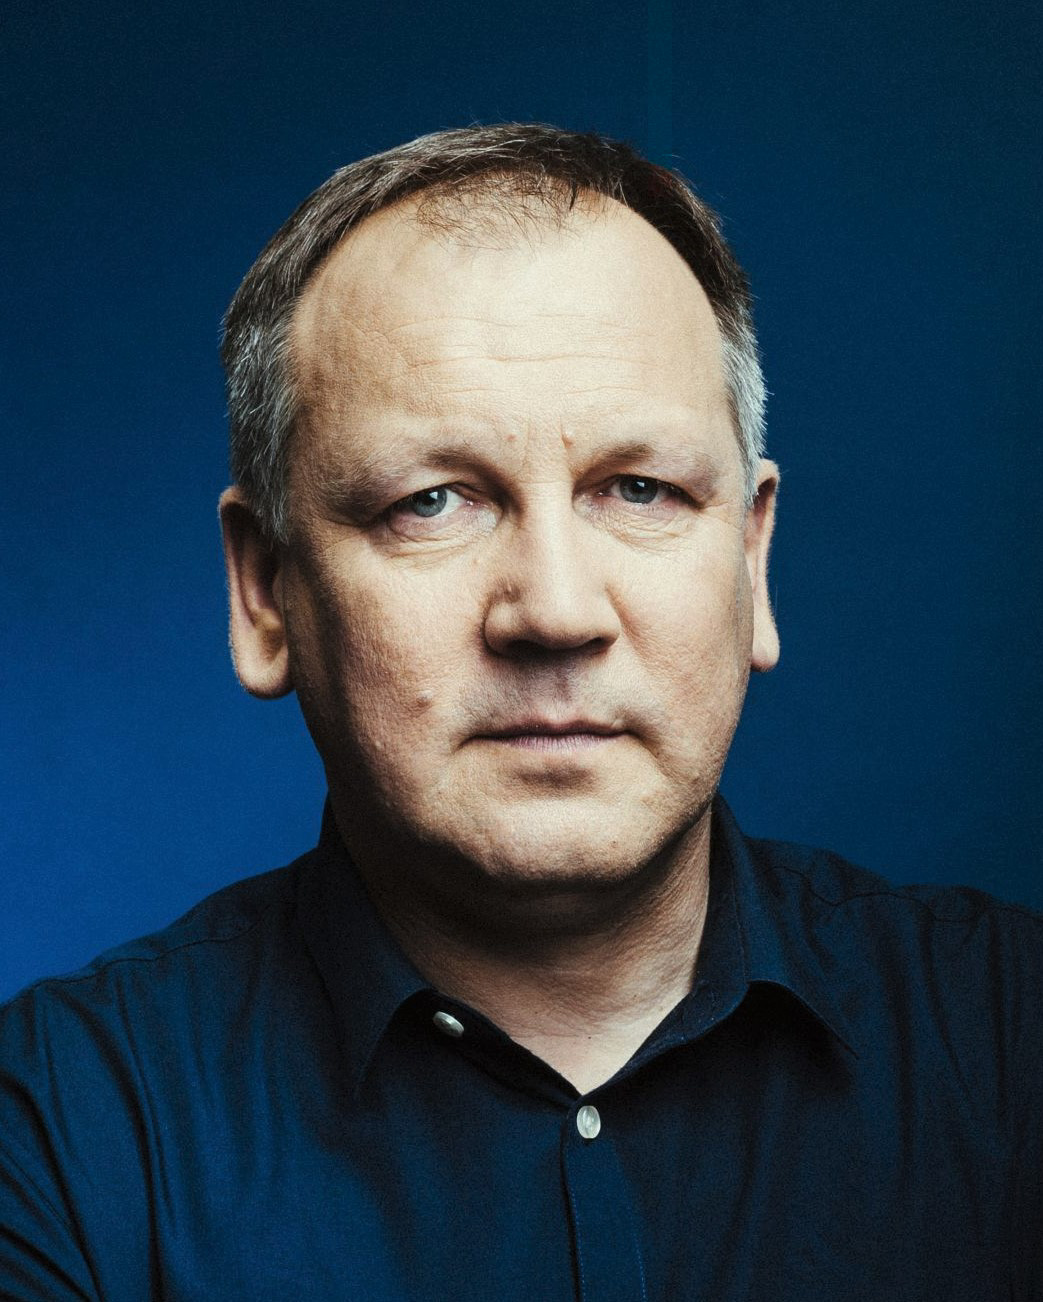 Cezary Łazarewicz